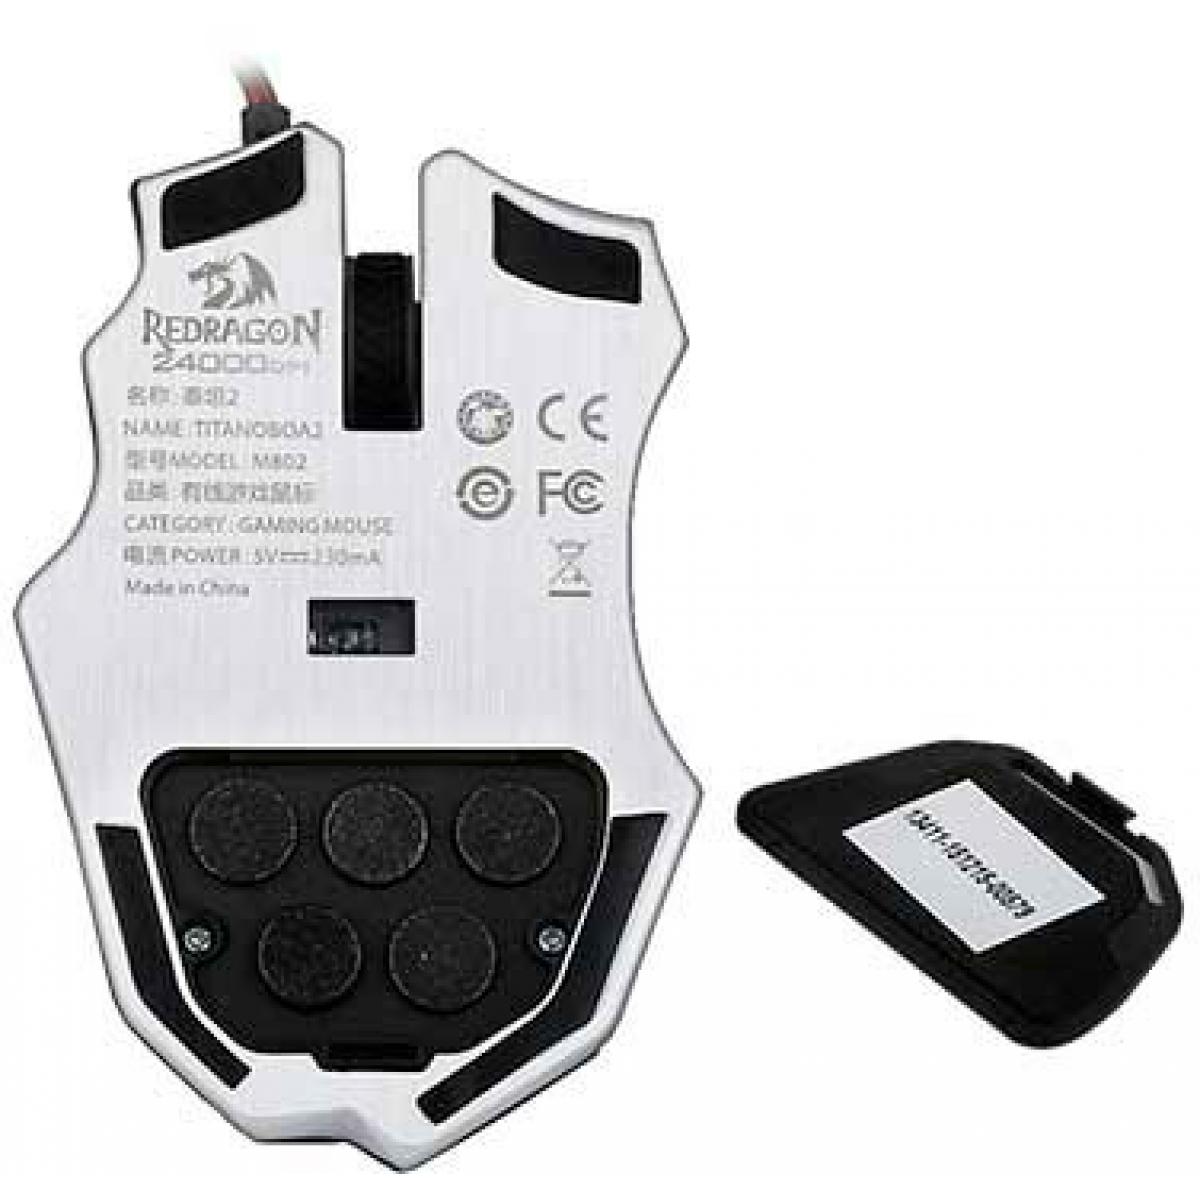 Mouse Gamer Redragon Titanoboa 2 M802 RGB, 24000 DPI, 10 Botões, Black